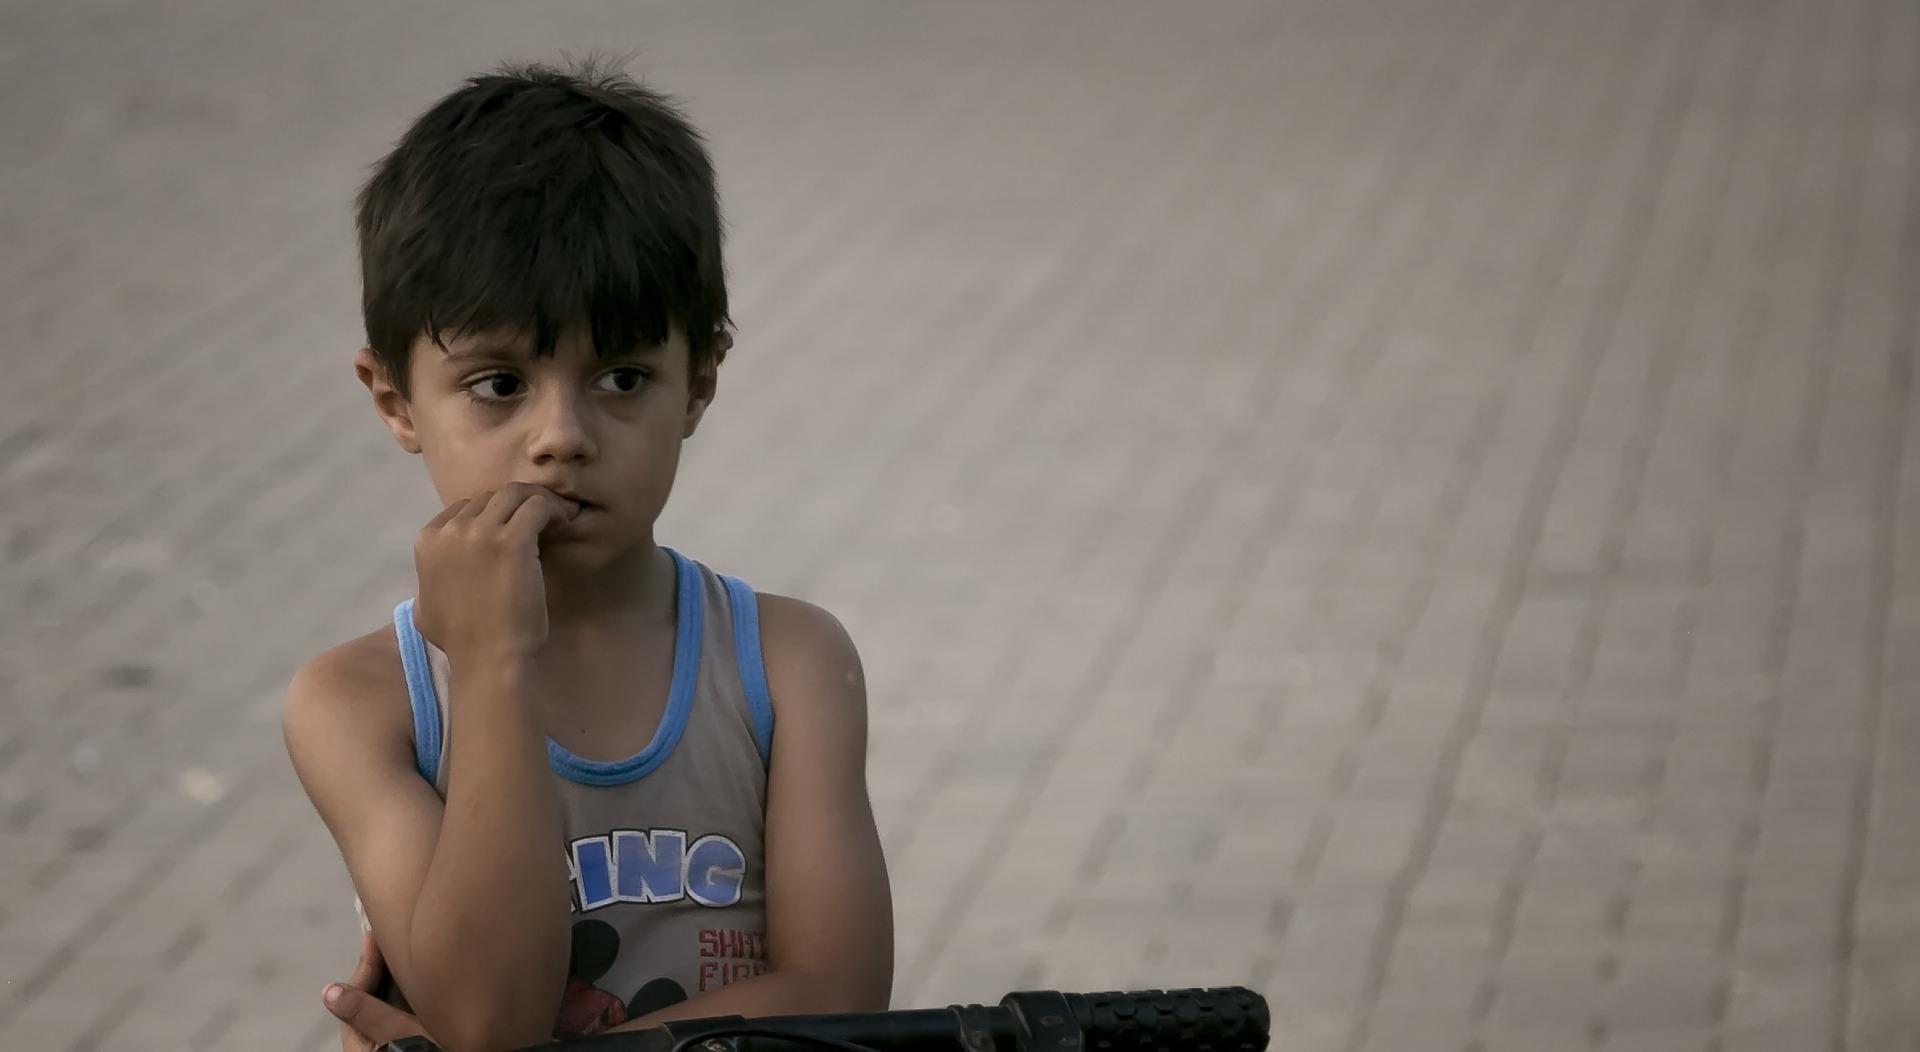 Campanha chama a atenção para a difícil realidade de crianças que passam fome na escola